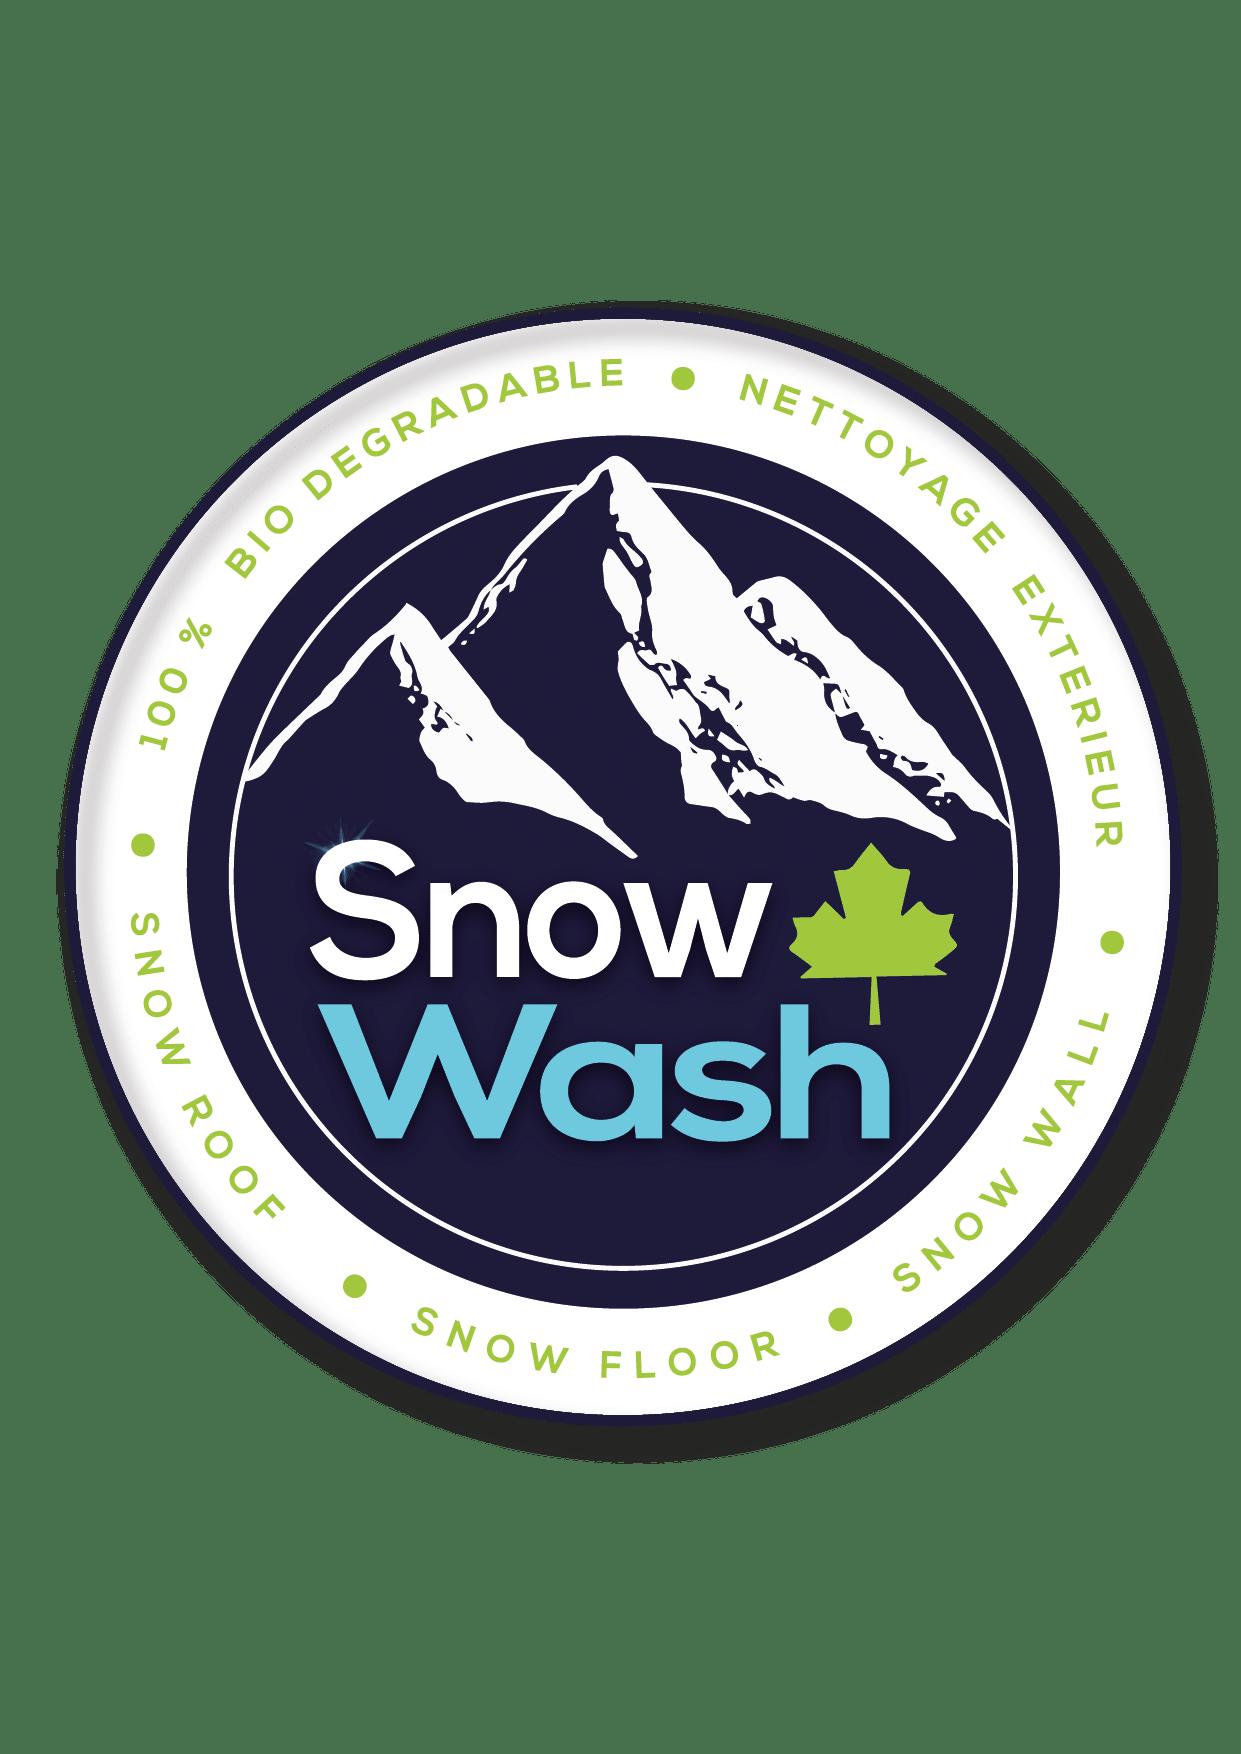 Snowash